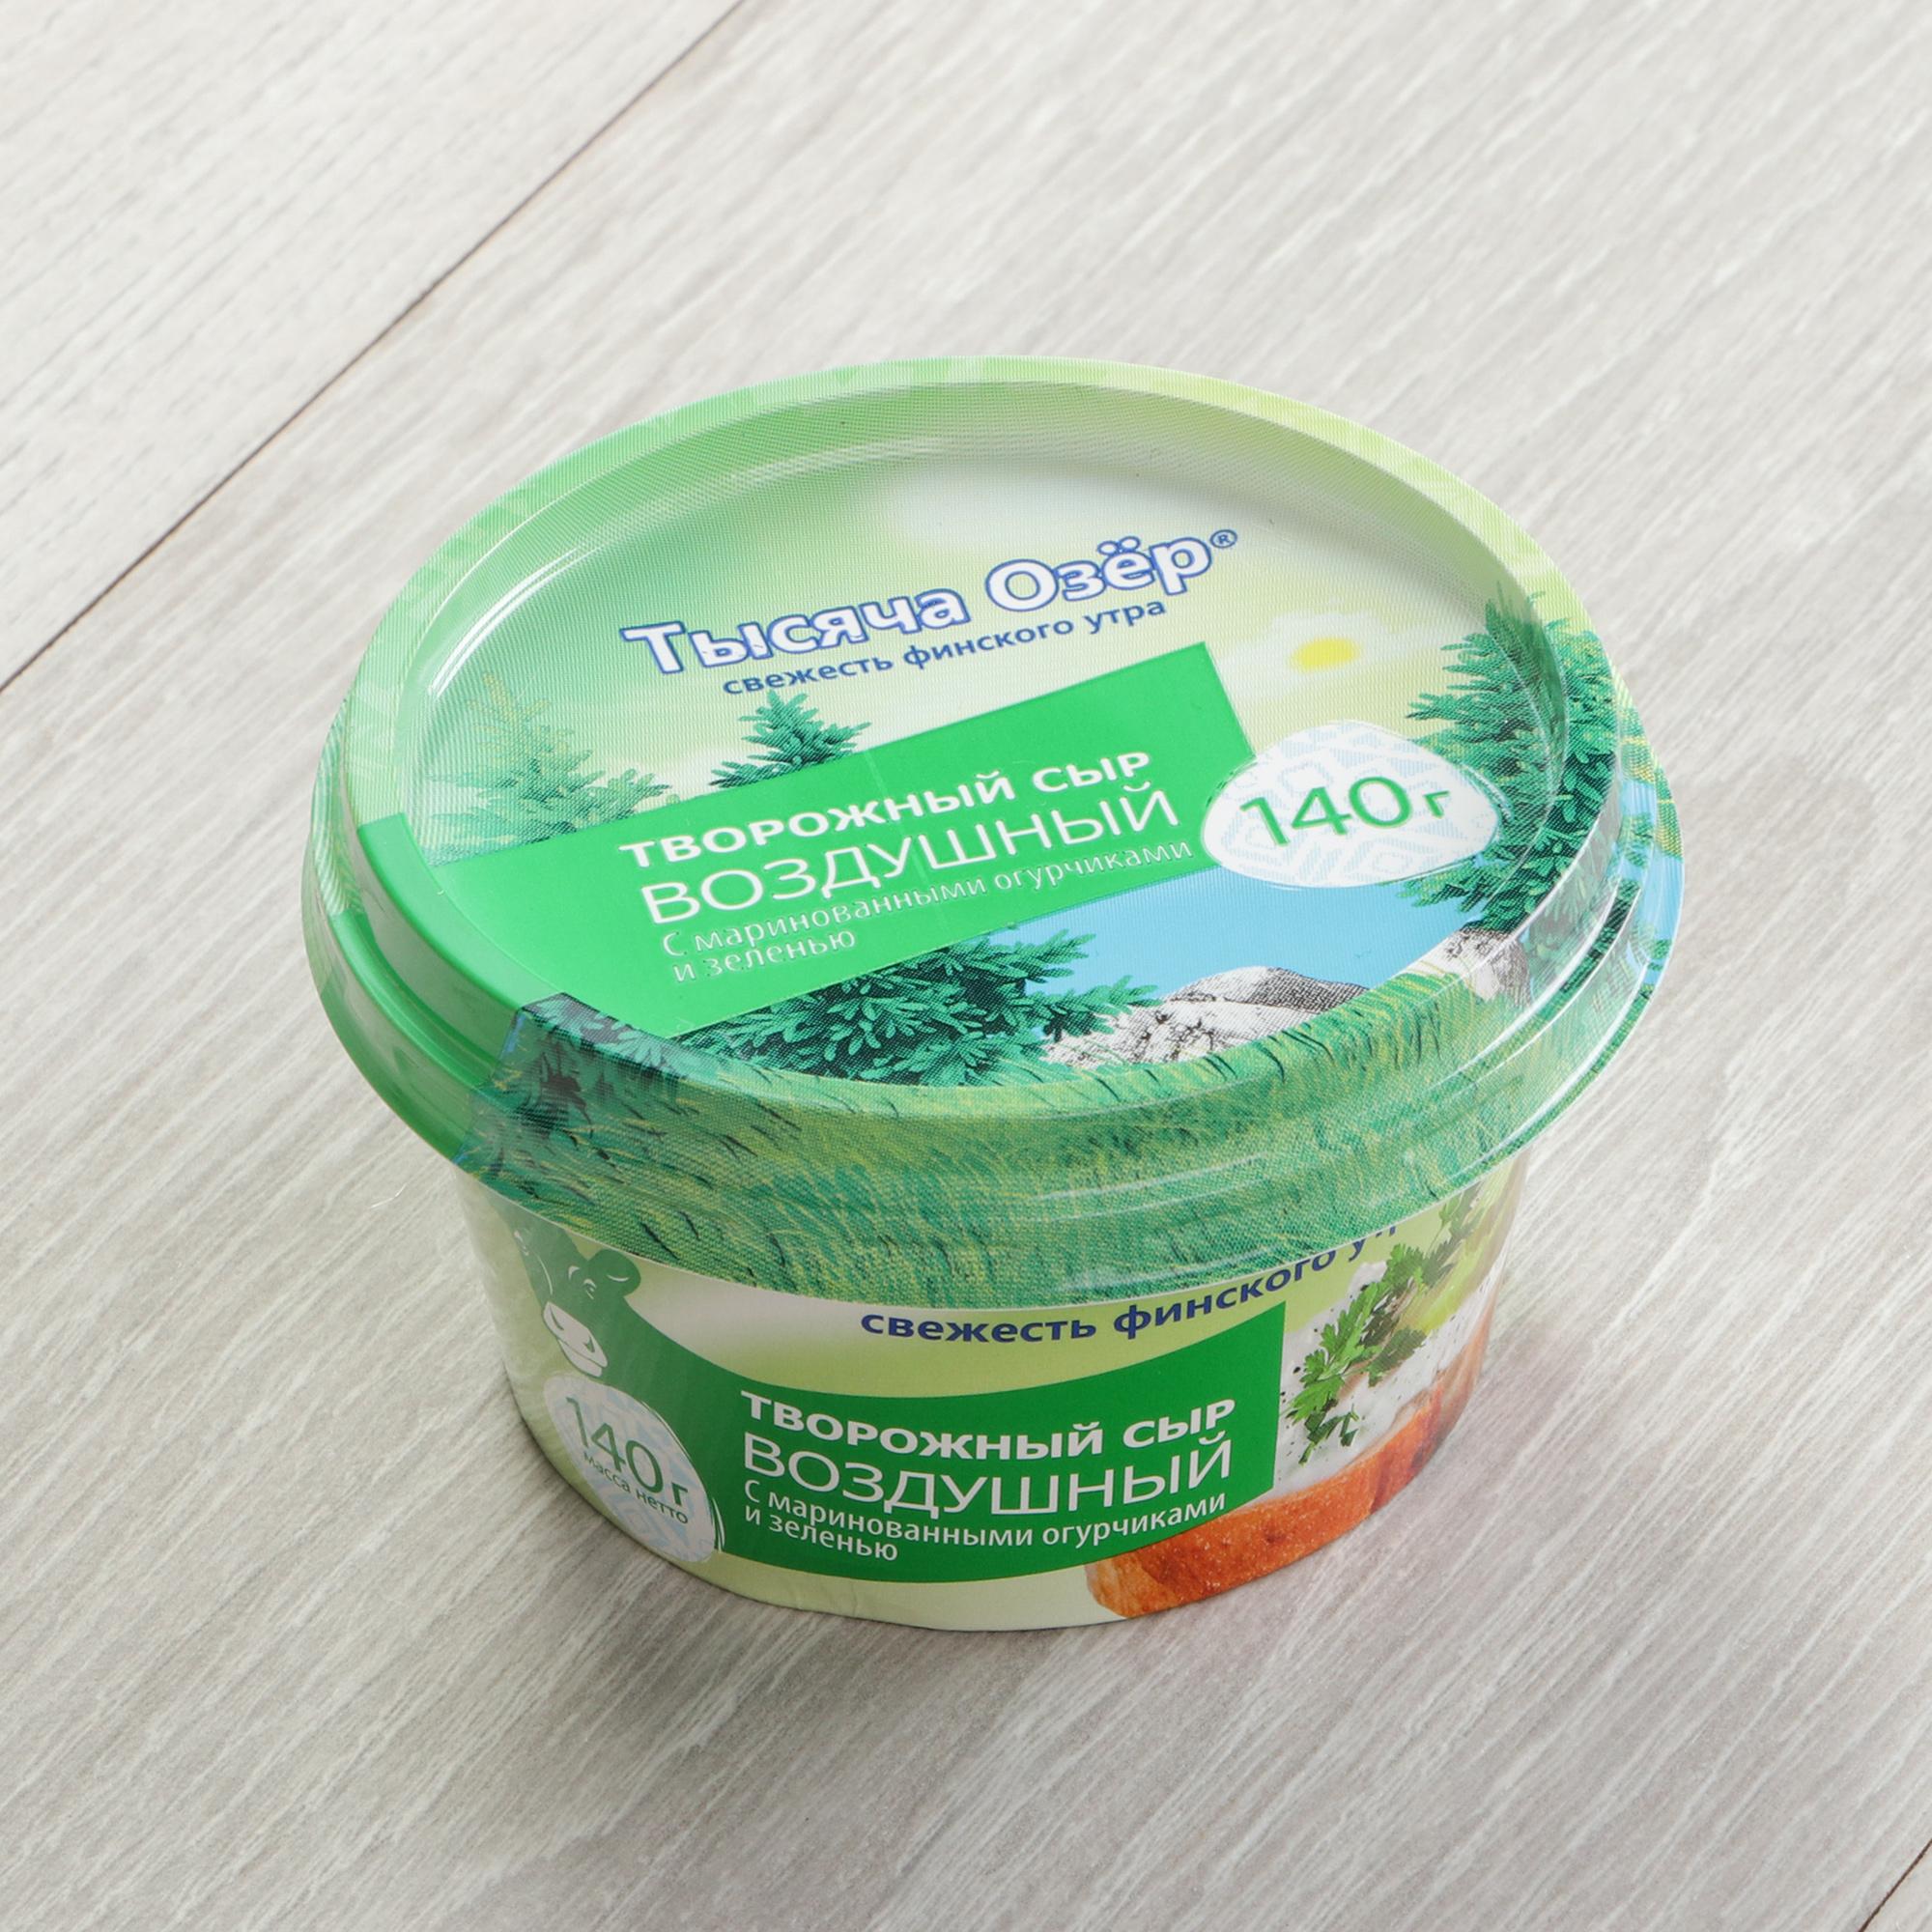 Сыр творожный Тысяча озер Воздушный с огурцом и зеленью 60% 140 г